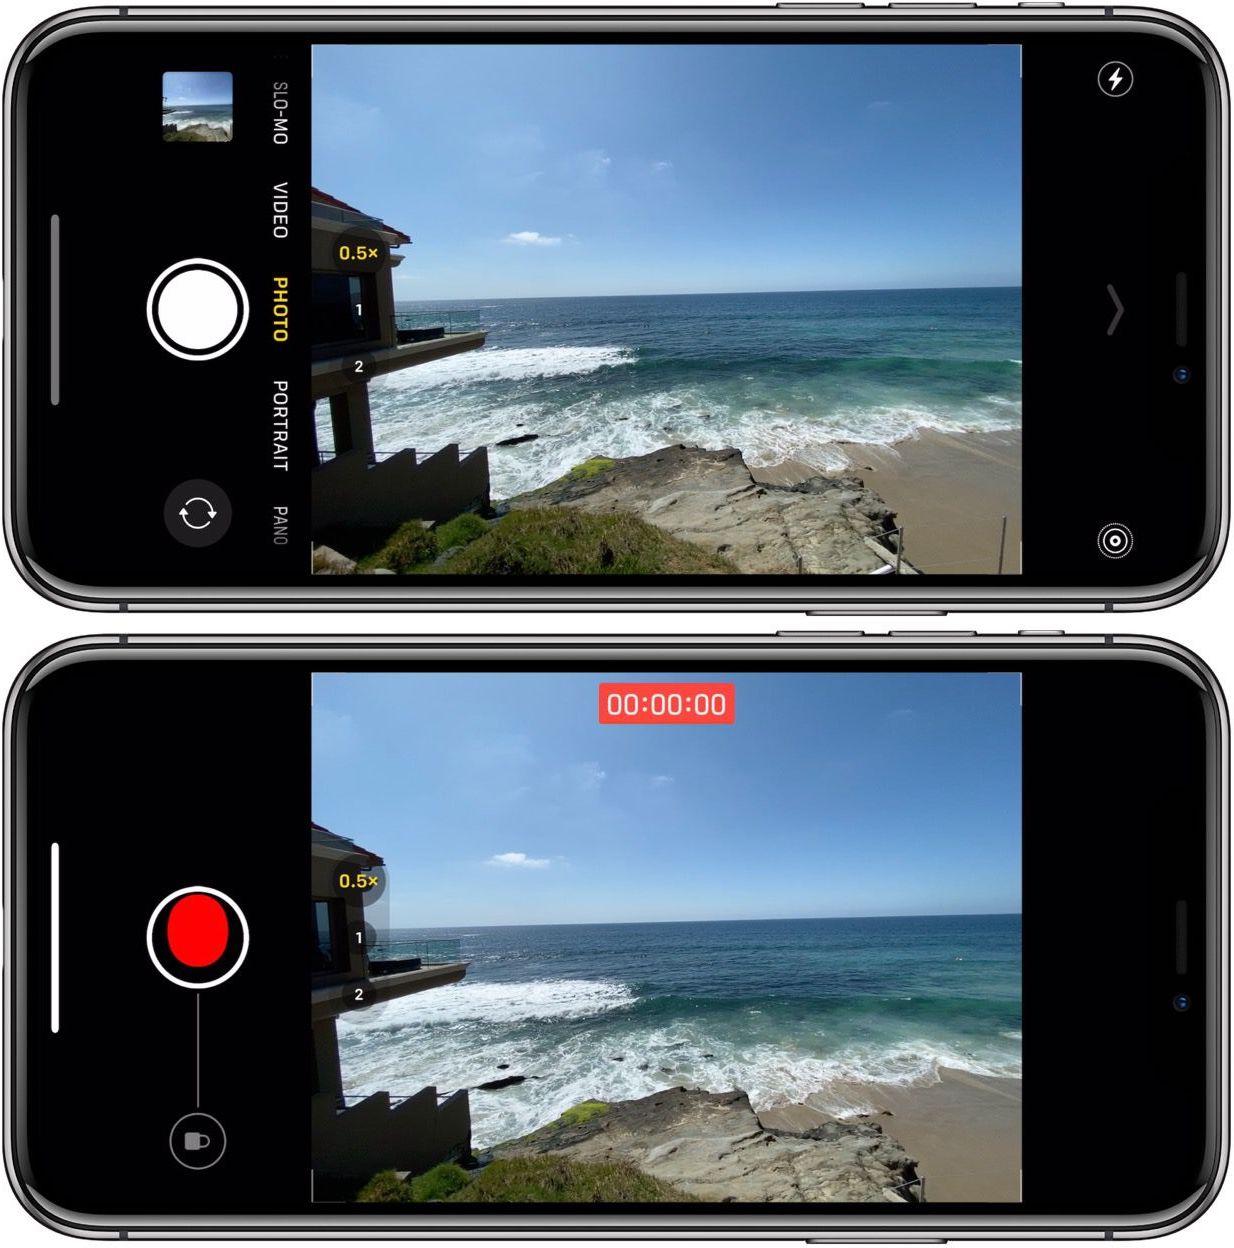 Как использовать серийный режим с камерой iPhone 11, пошаговое руководство 4